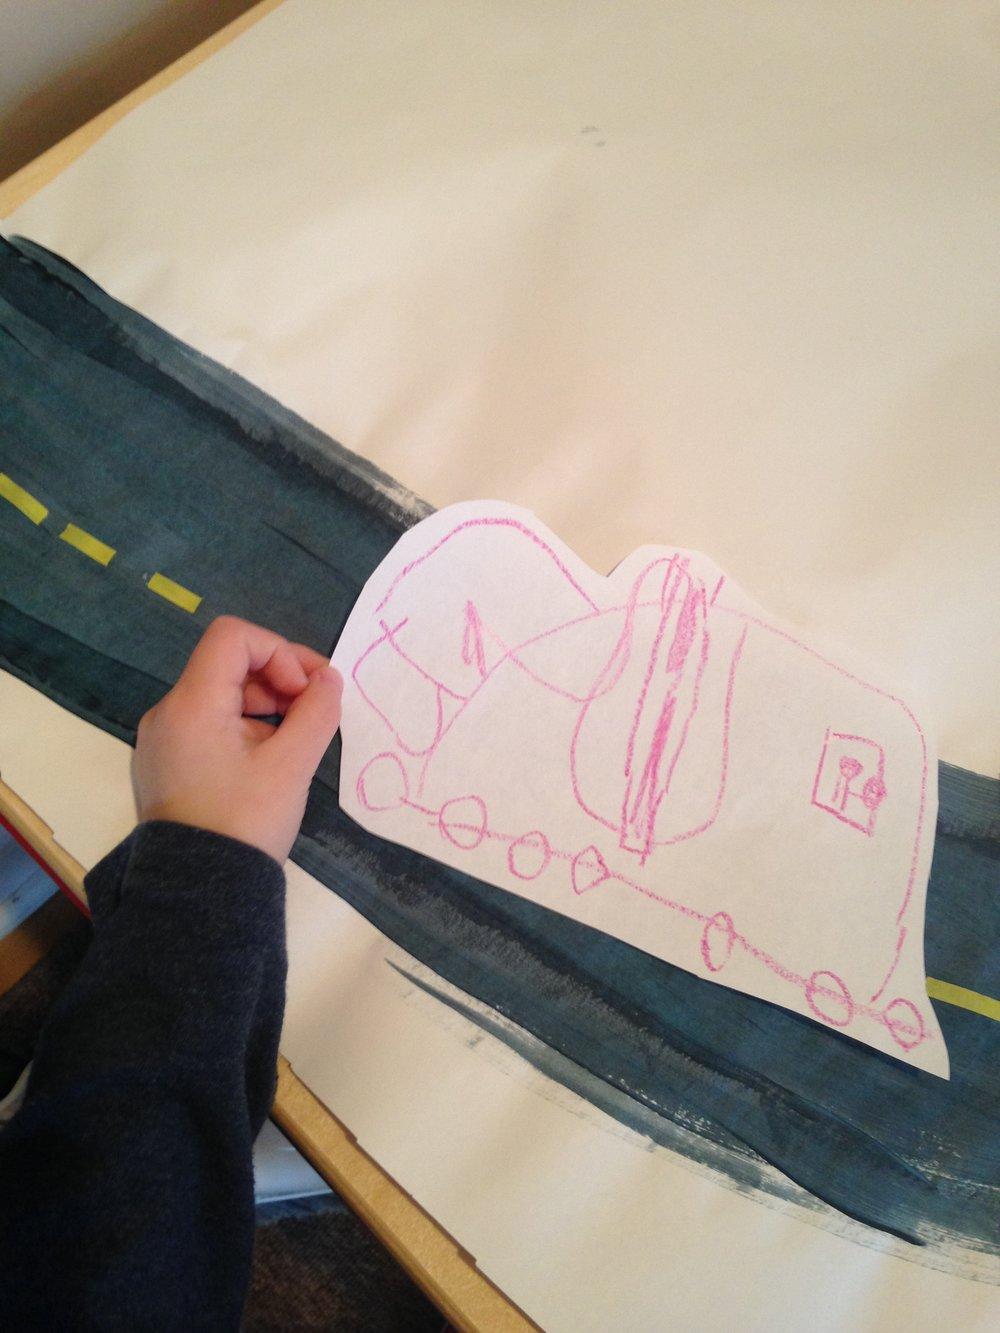 Blog — Pearson St. Preschool Andover, MA